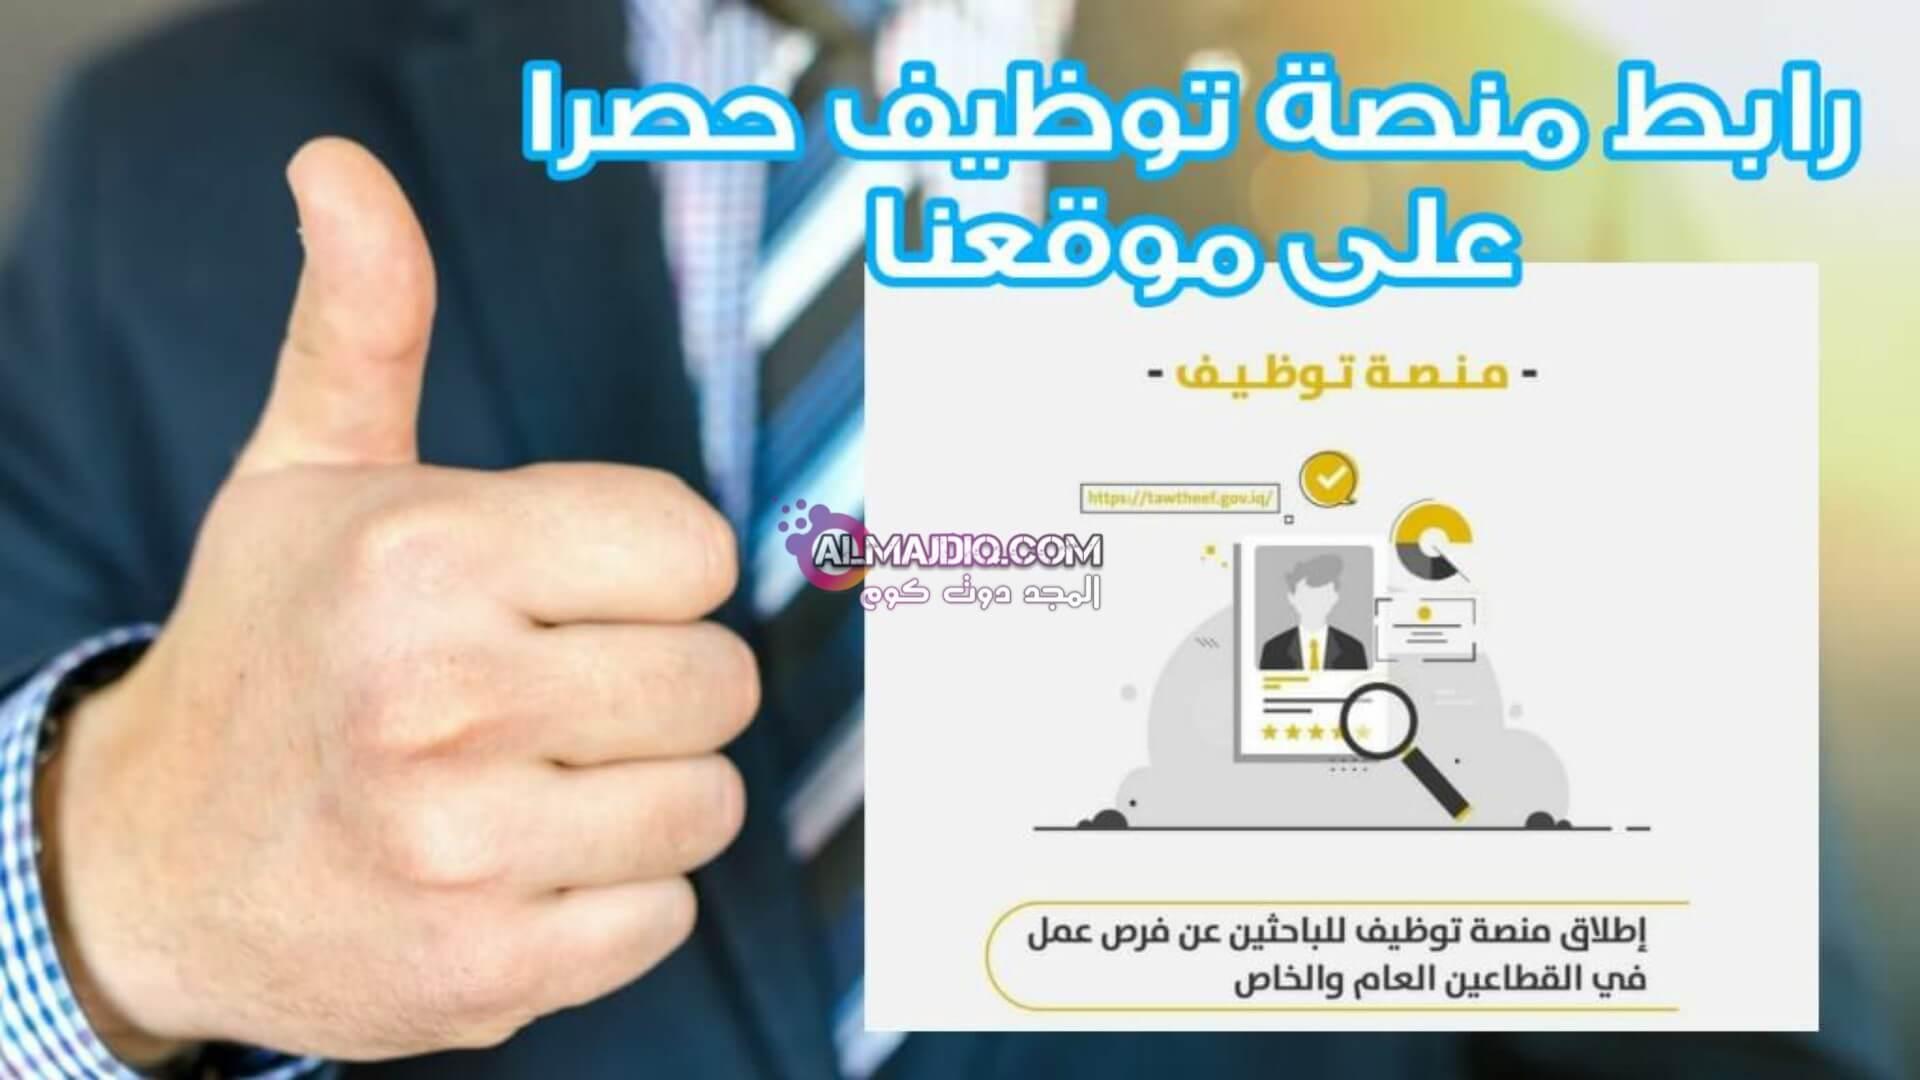 إطلاق استمارة منصة توظيف العراقية لمساعدة الباحثين عن عمل الحصول على وظائف